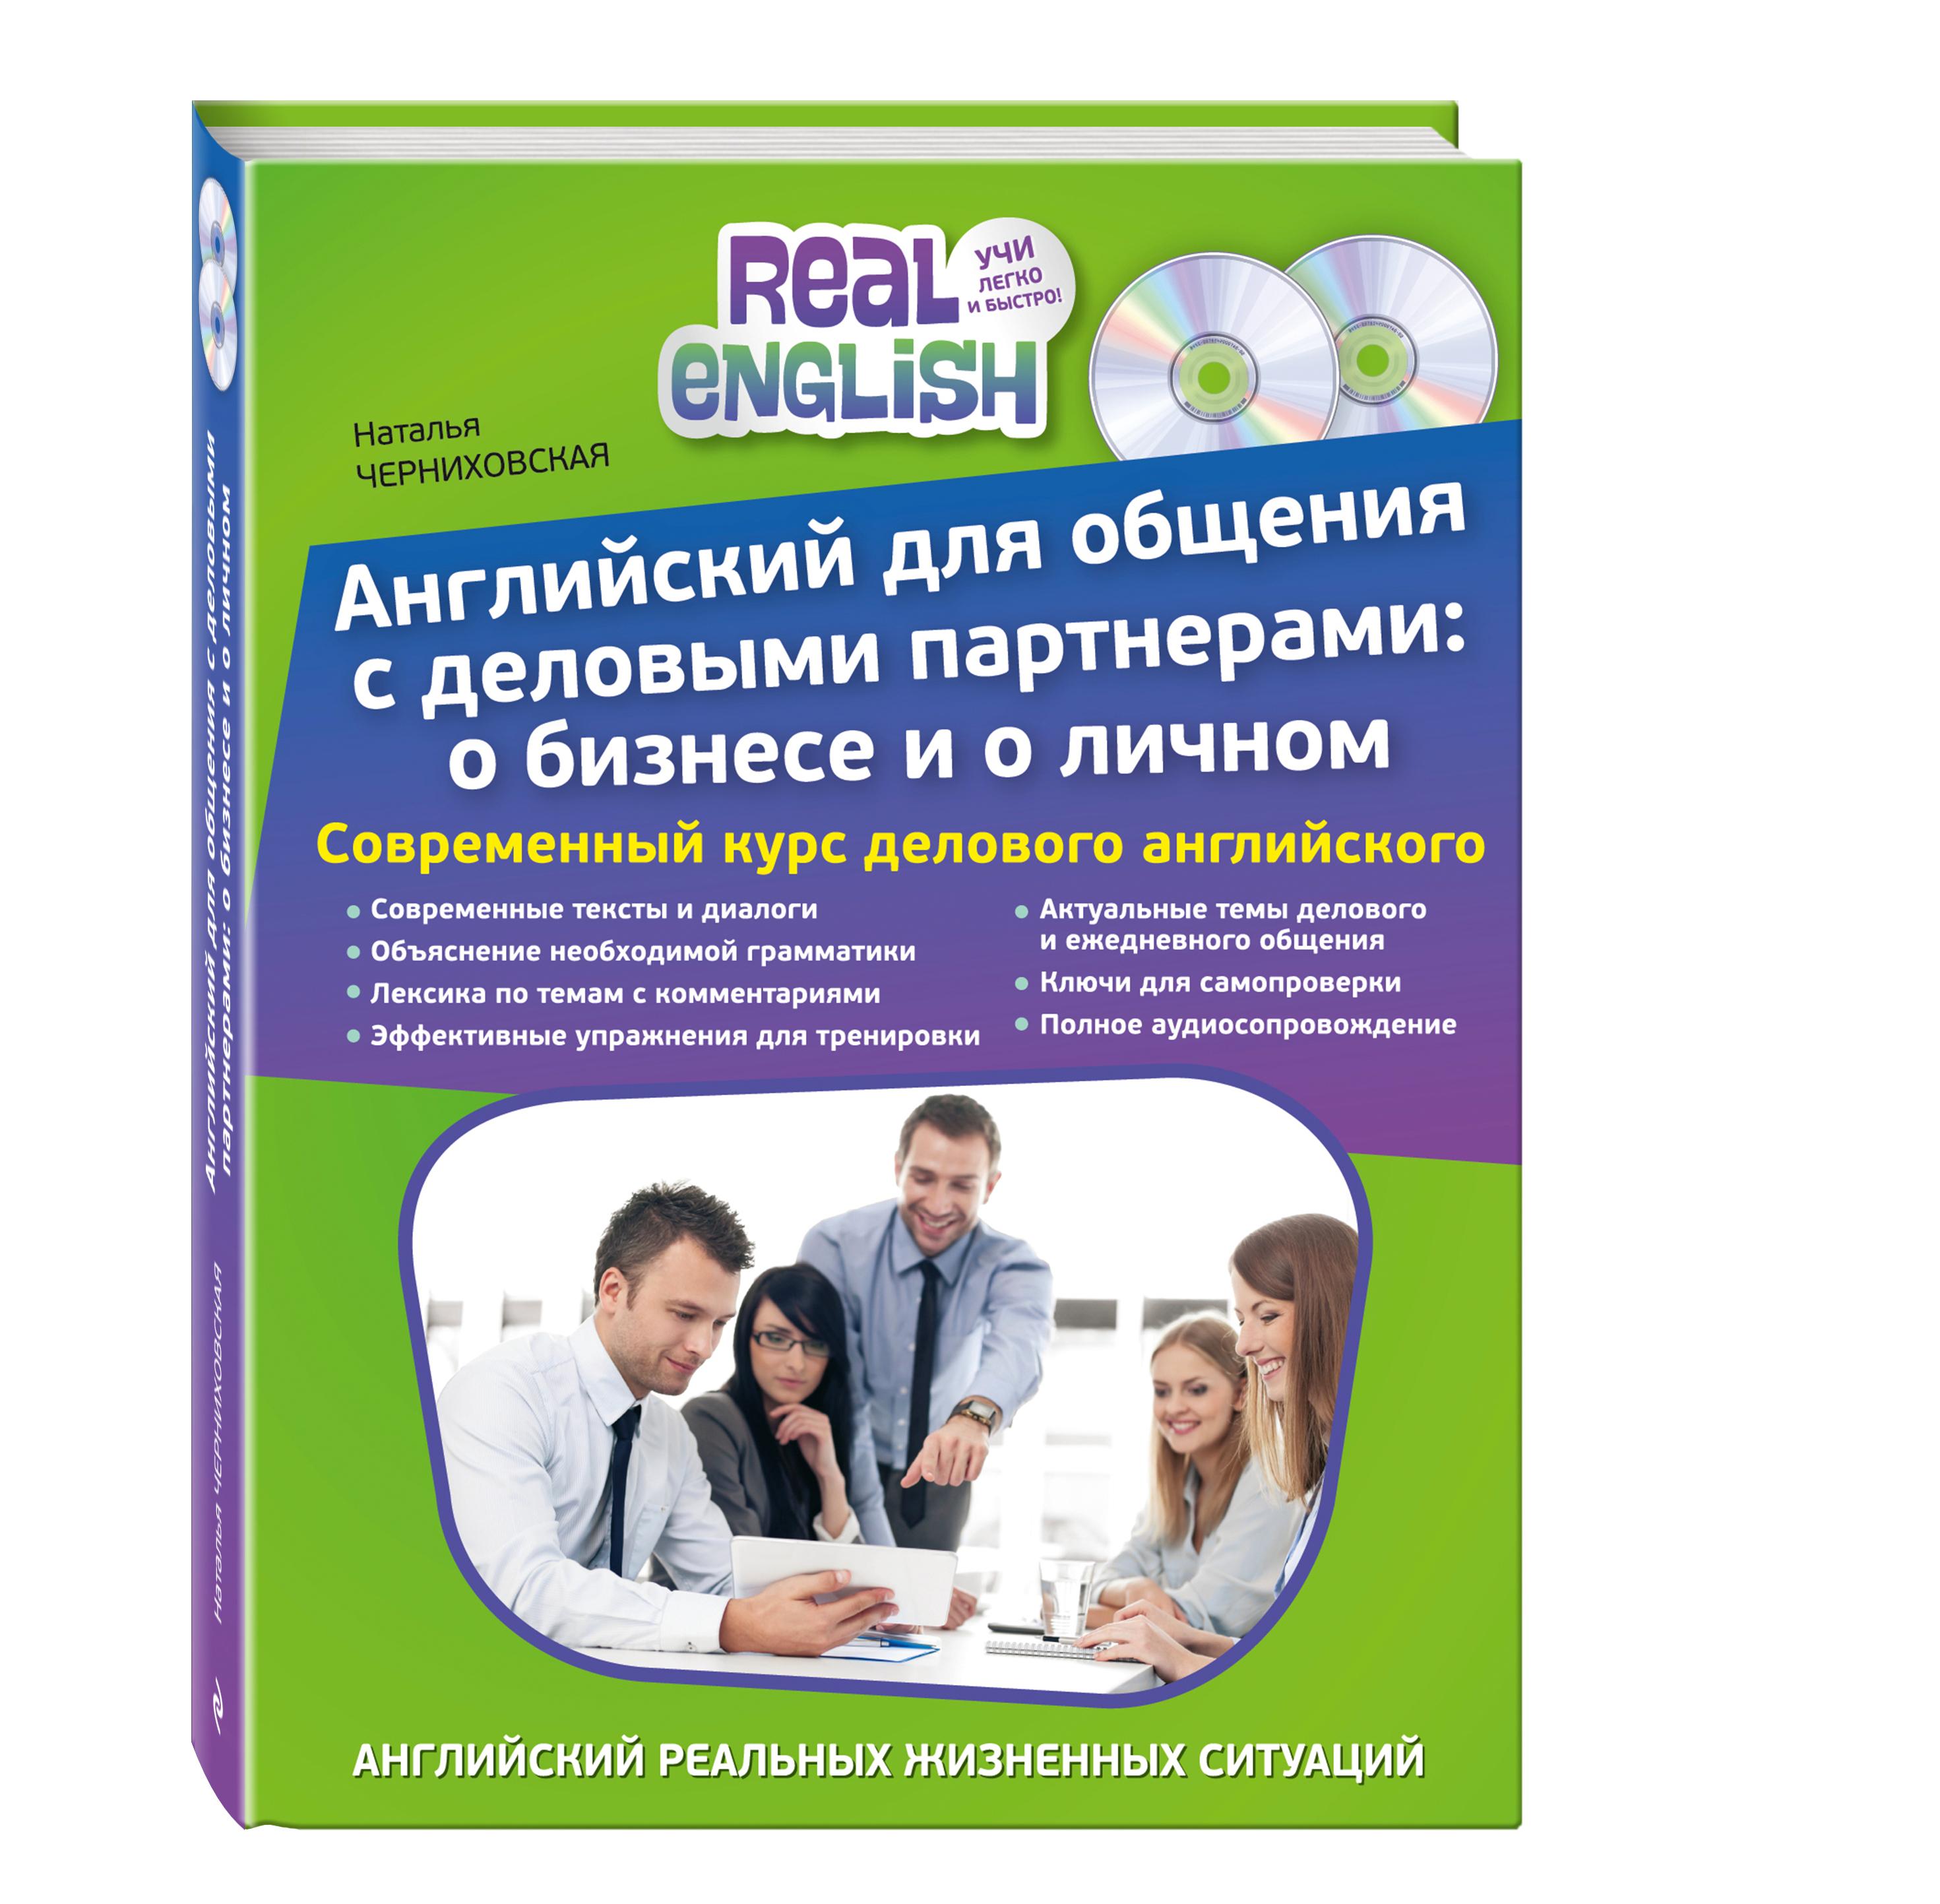 Черниховская Н.О. Английский для общения с деловыми партнерами: о бизнесе и о личном + 2 CD